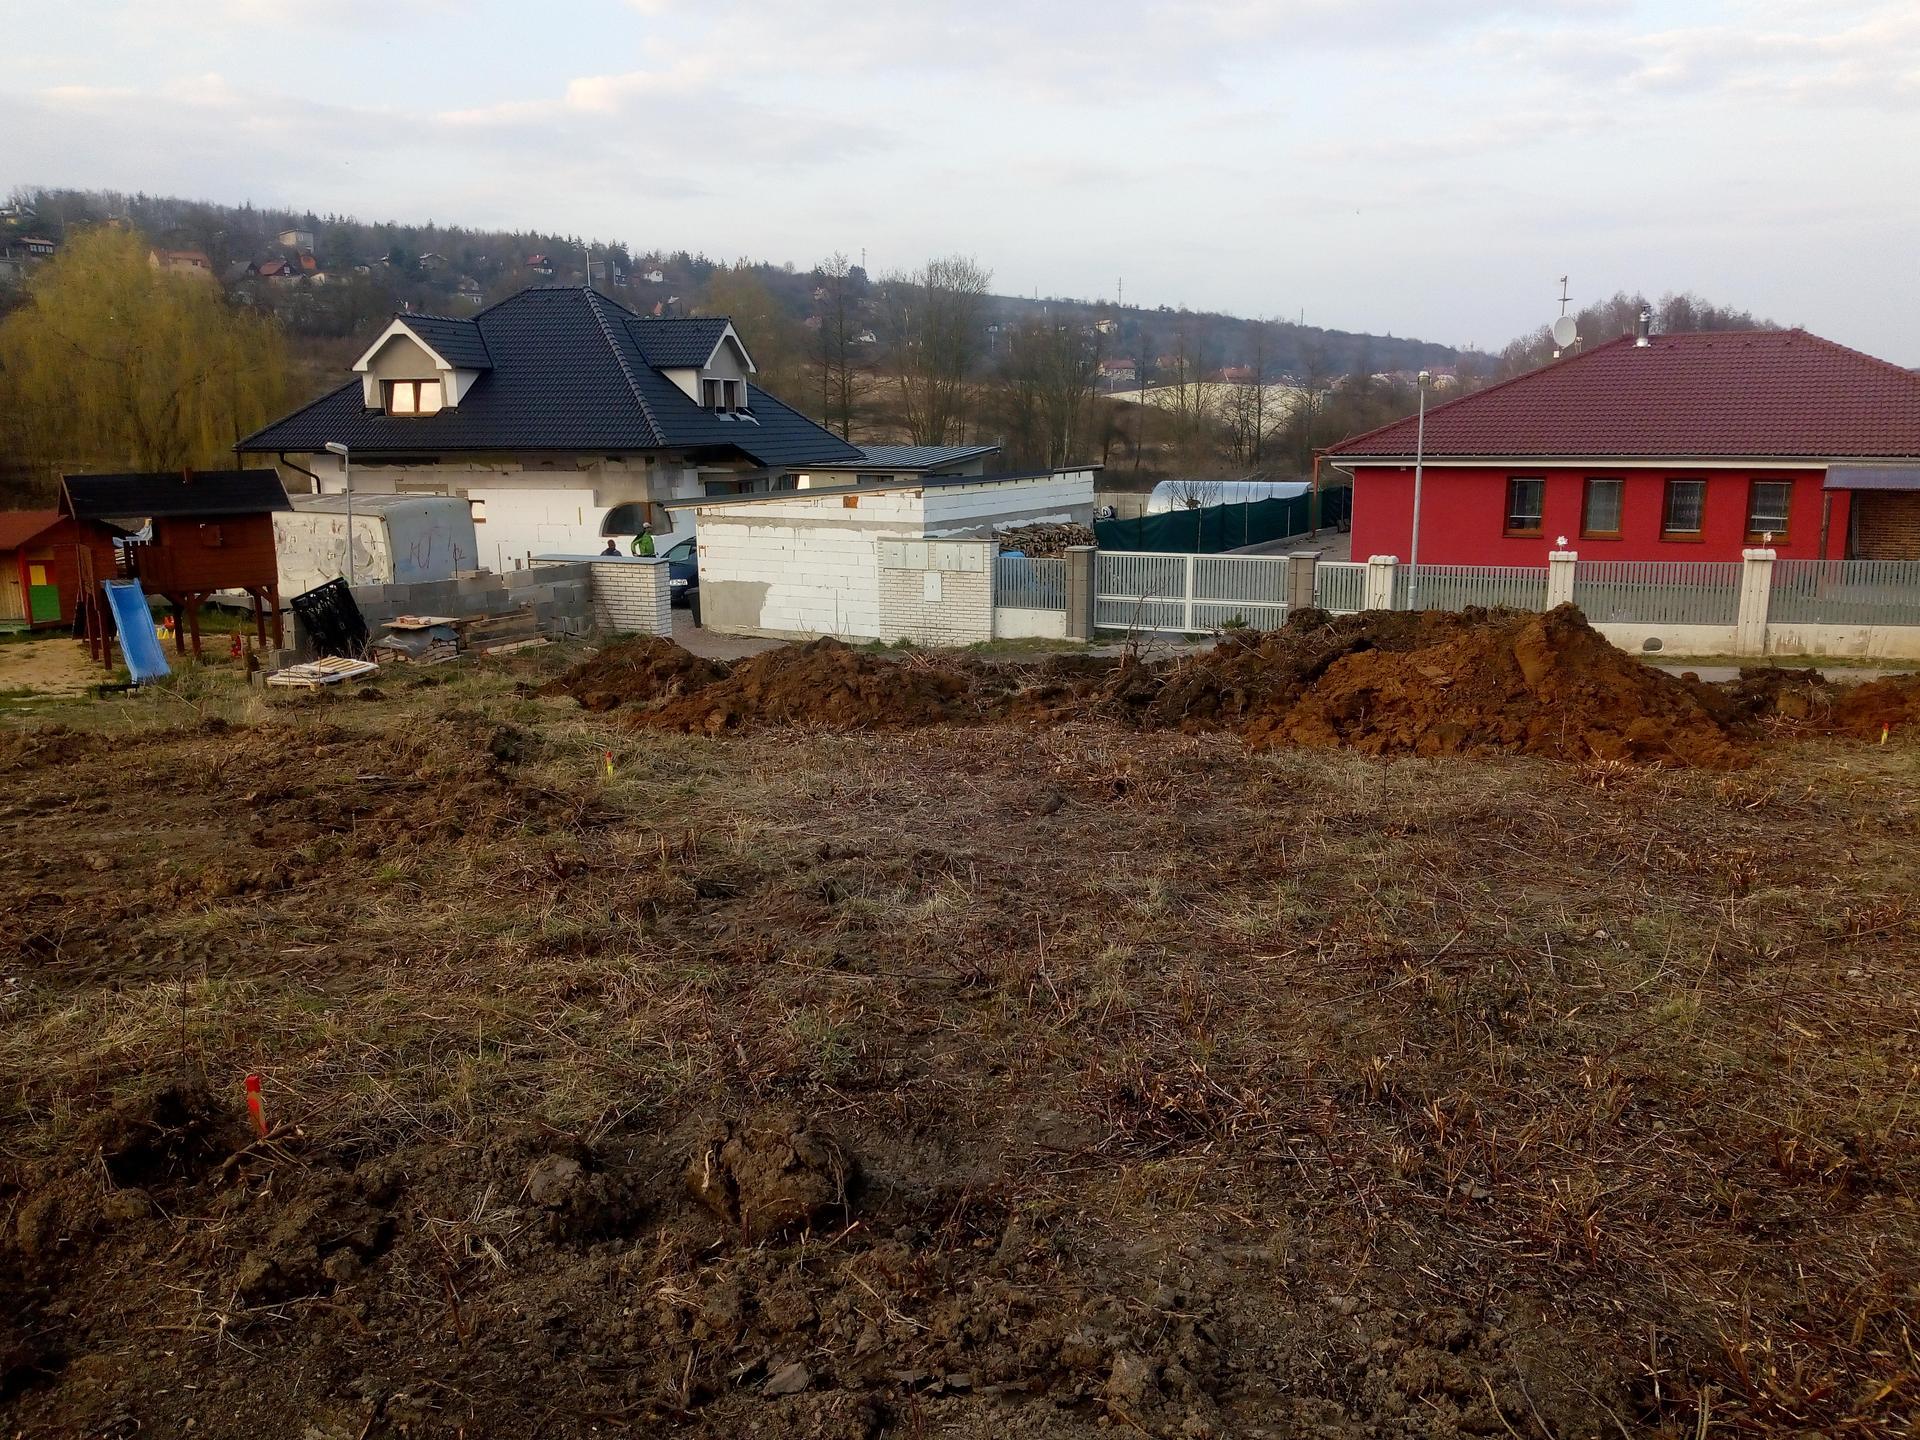 Příprava pozemku, bednění, základy, opěrka, bouda, plot - Obrázek č. 17